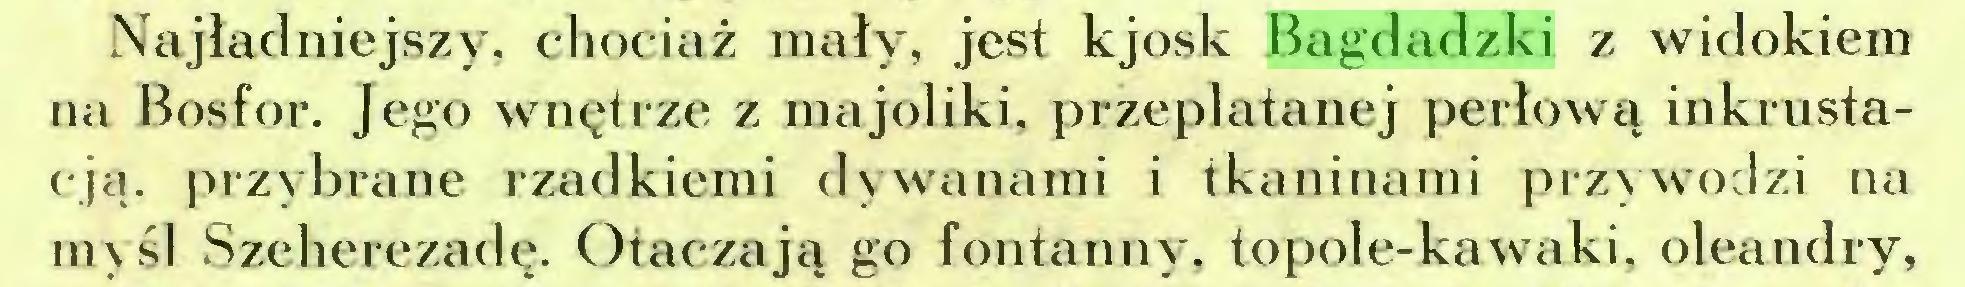 (...) Najładniejszy, chociaż mały, jest kjosk Bagdadzki z widokiem na Bosfor. Jego wnętrze z majoliki, przeplatanej perłową inkrustaeją. przybrane rzadkiemi dywanami i tkaninami przywodzi na myśl Szeherezadę. Otaczają go fontanny, topole-kawaki, oleandry,...